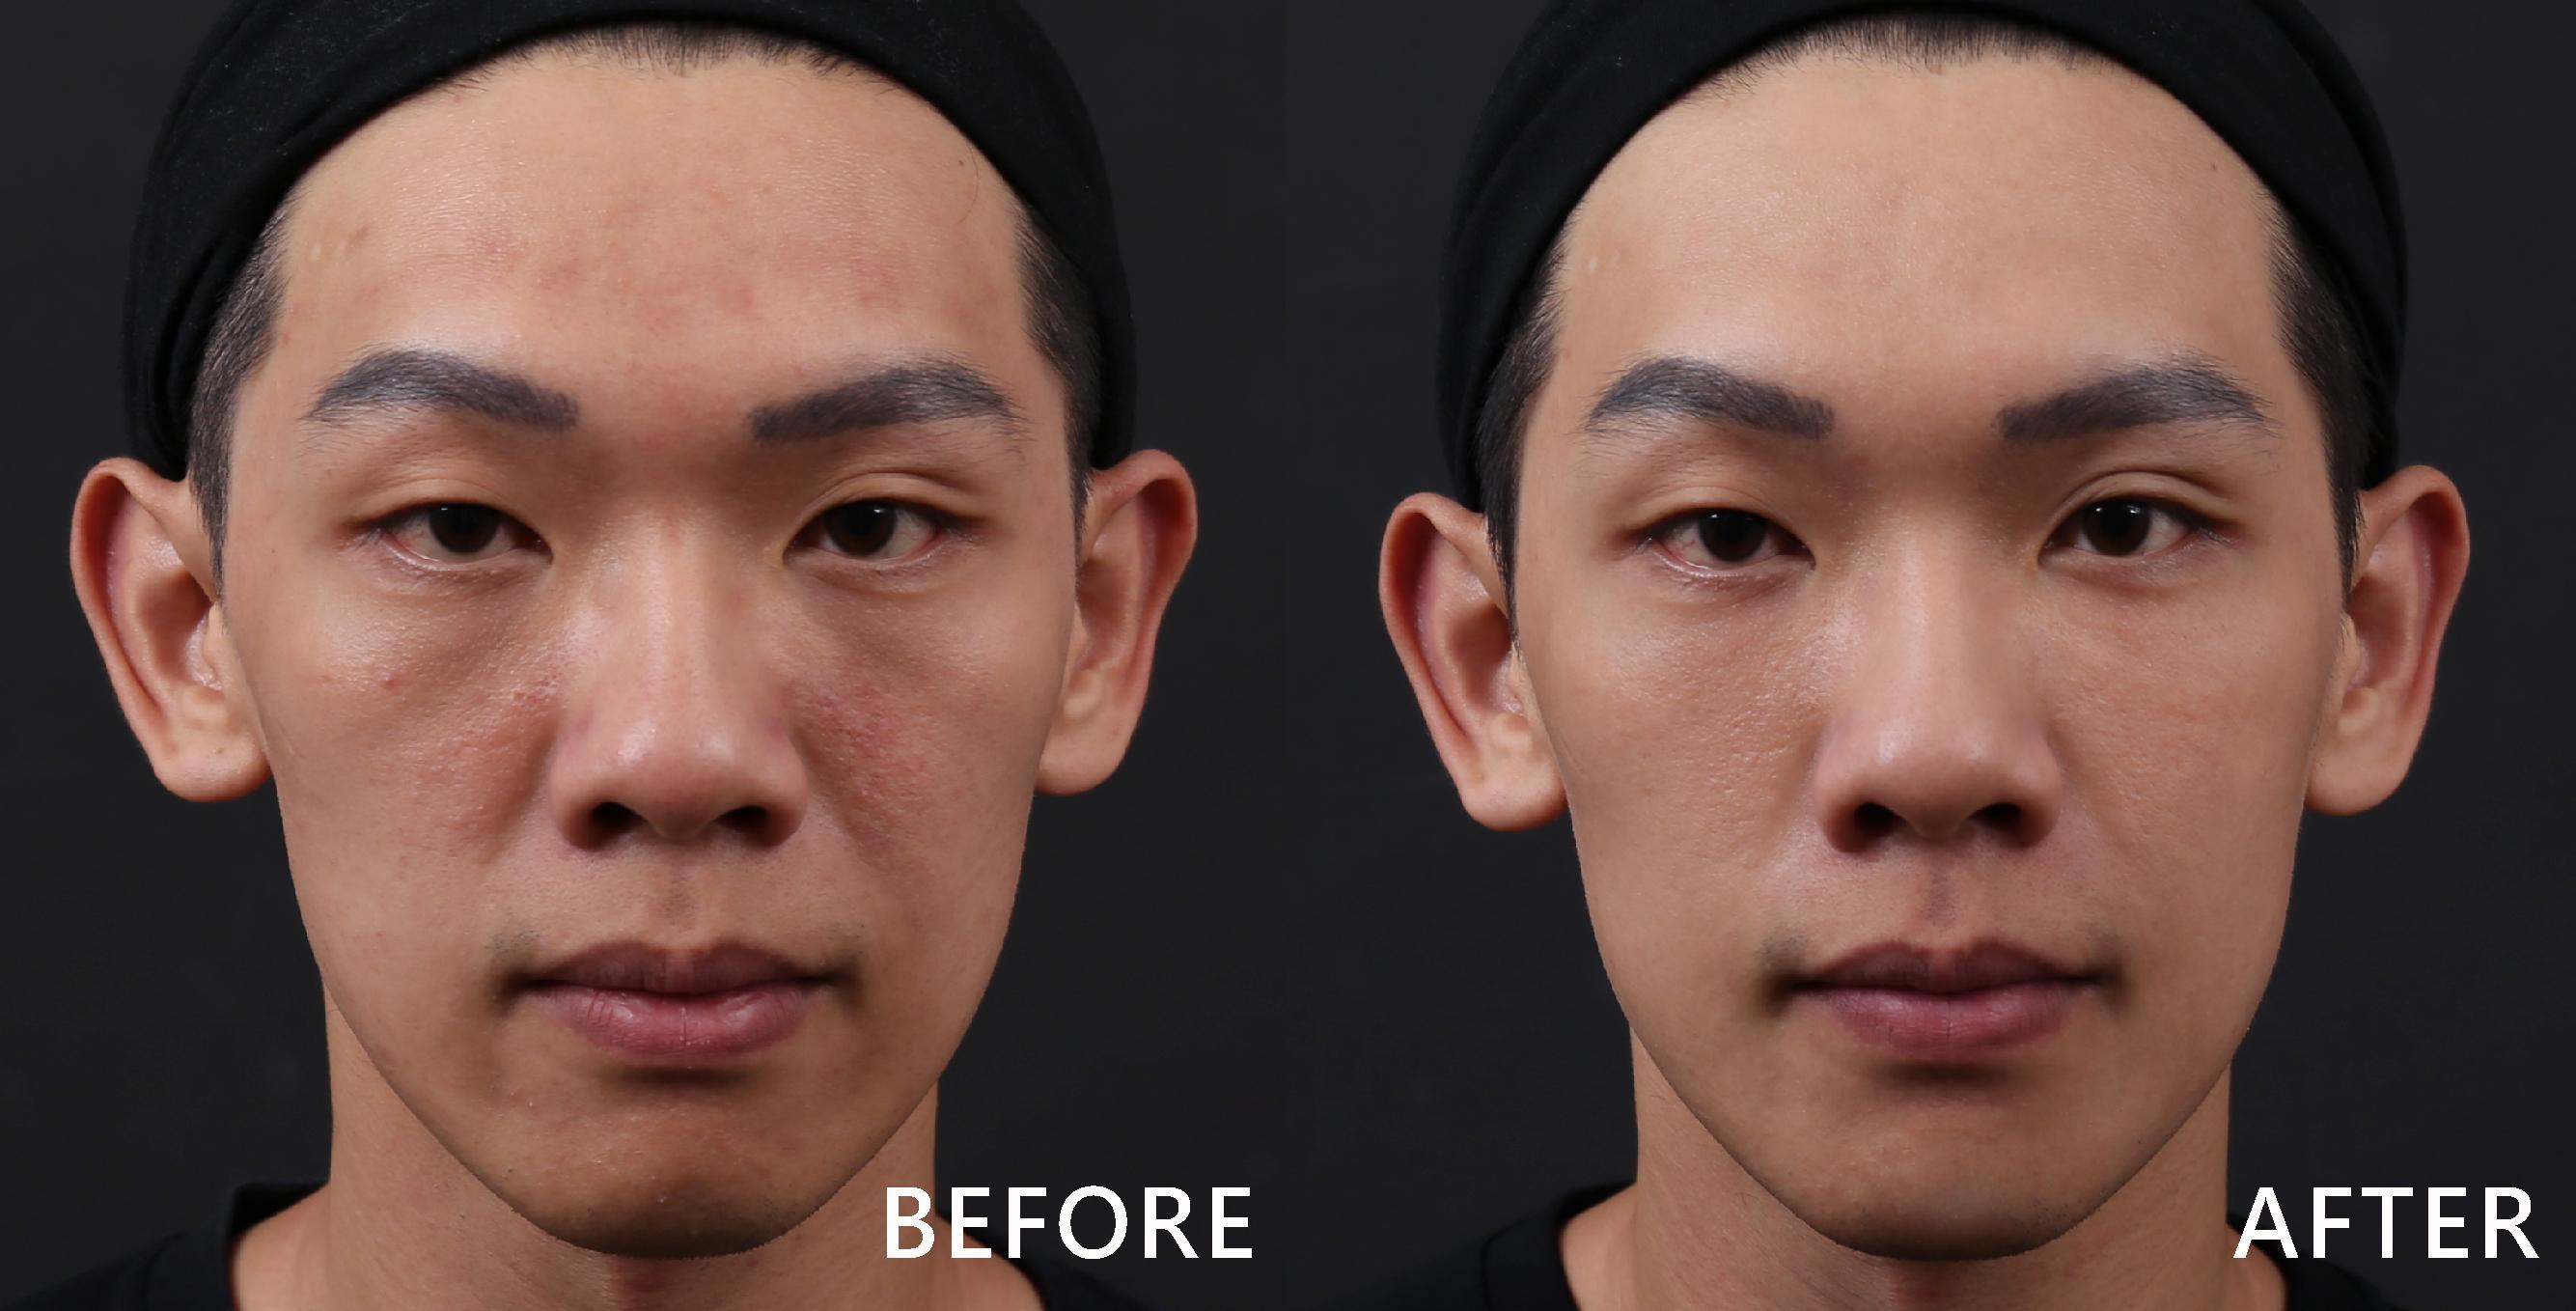 玻尿酸讓淚溝不見了,臉型與眼神更柔和。(效果因個案而異)